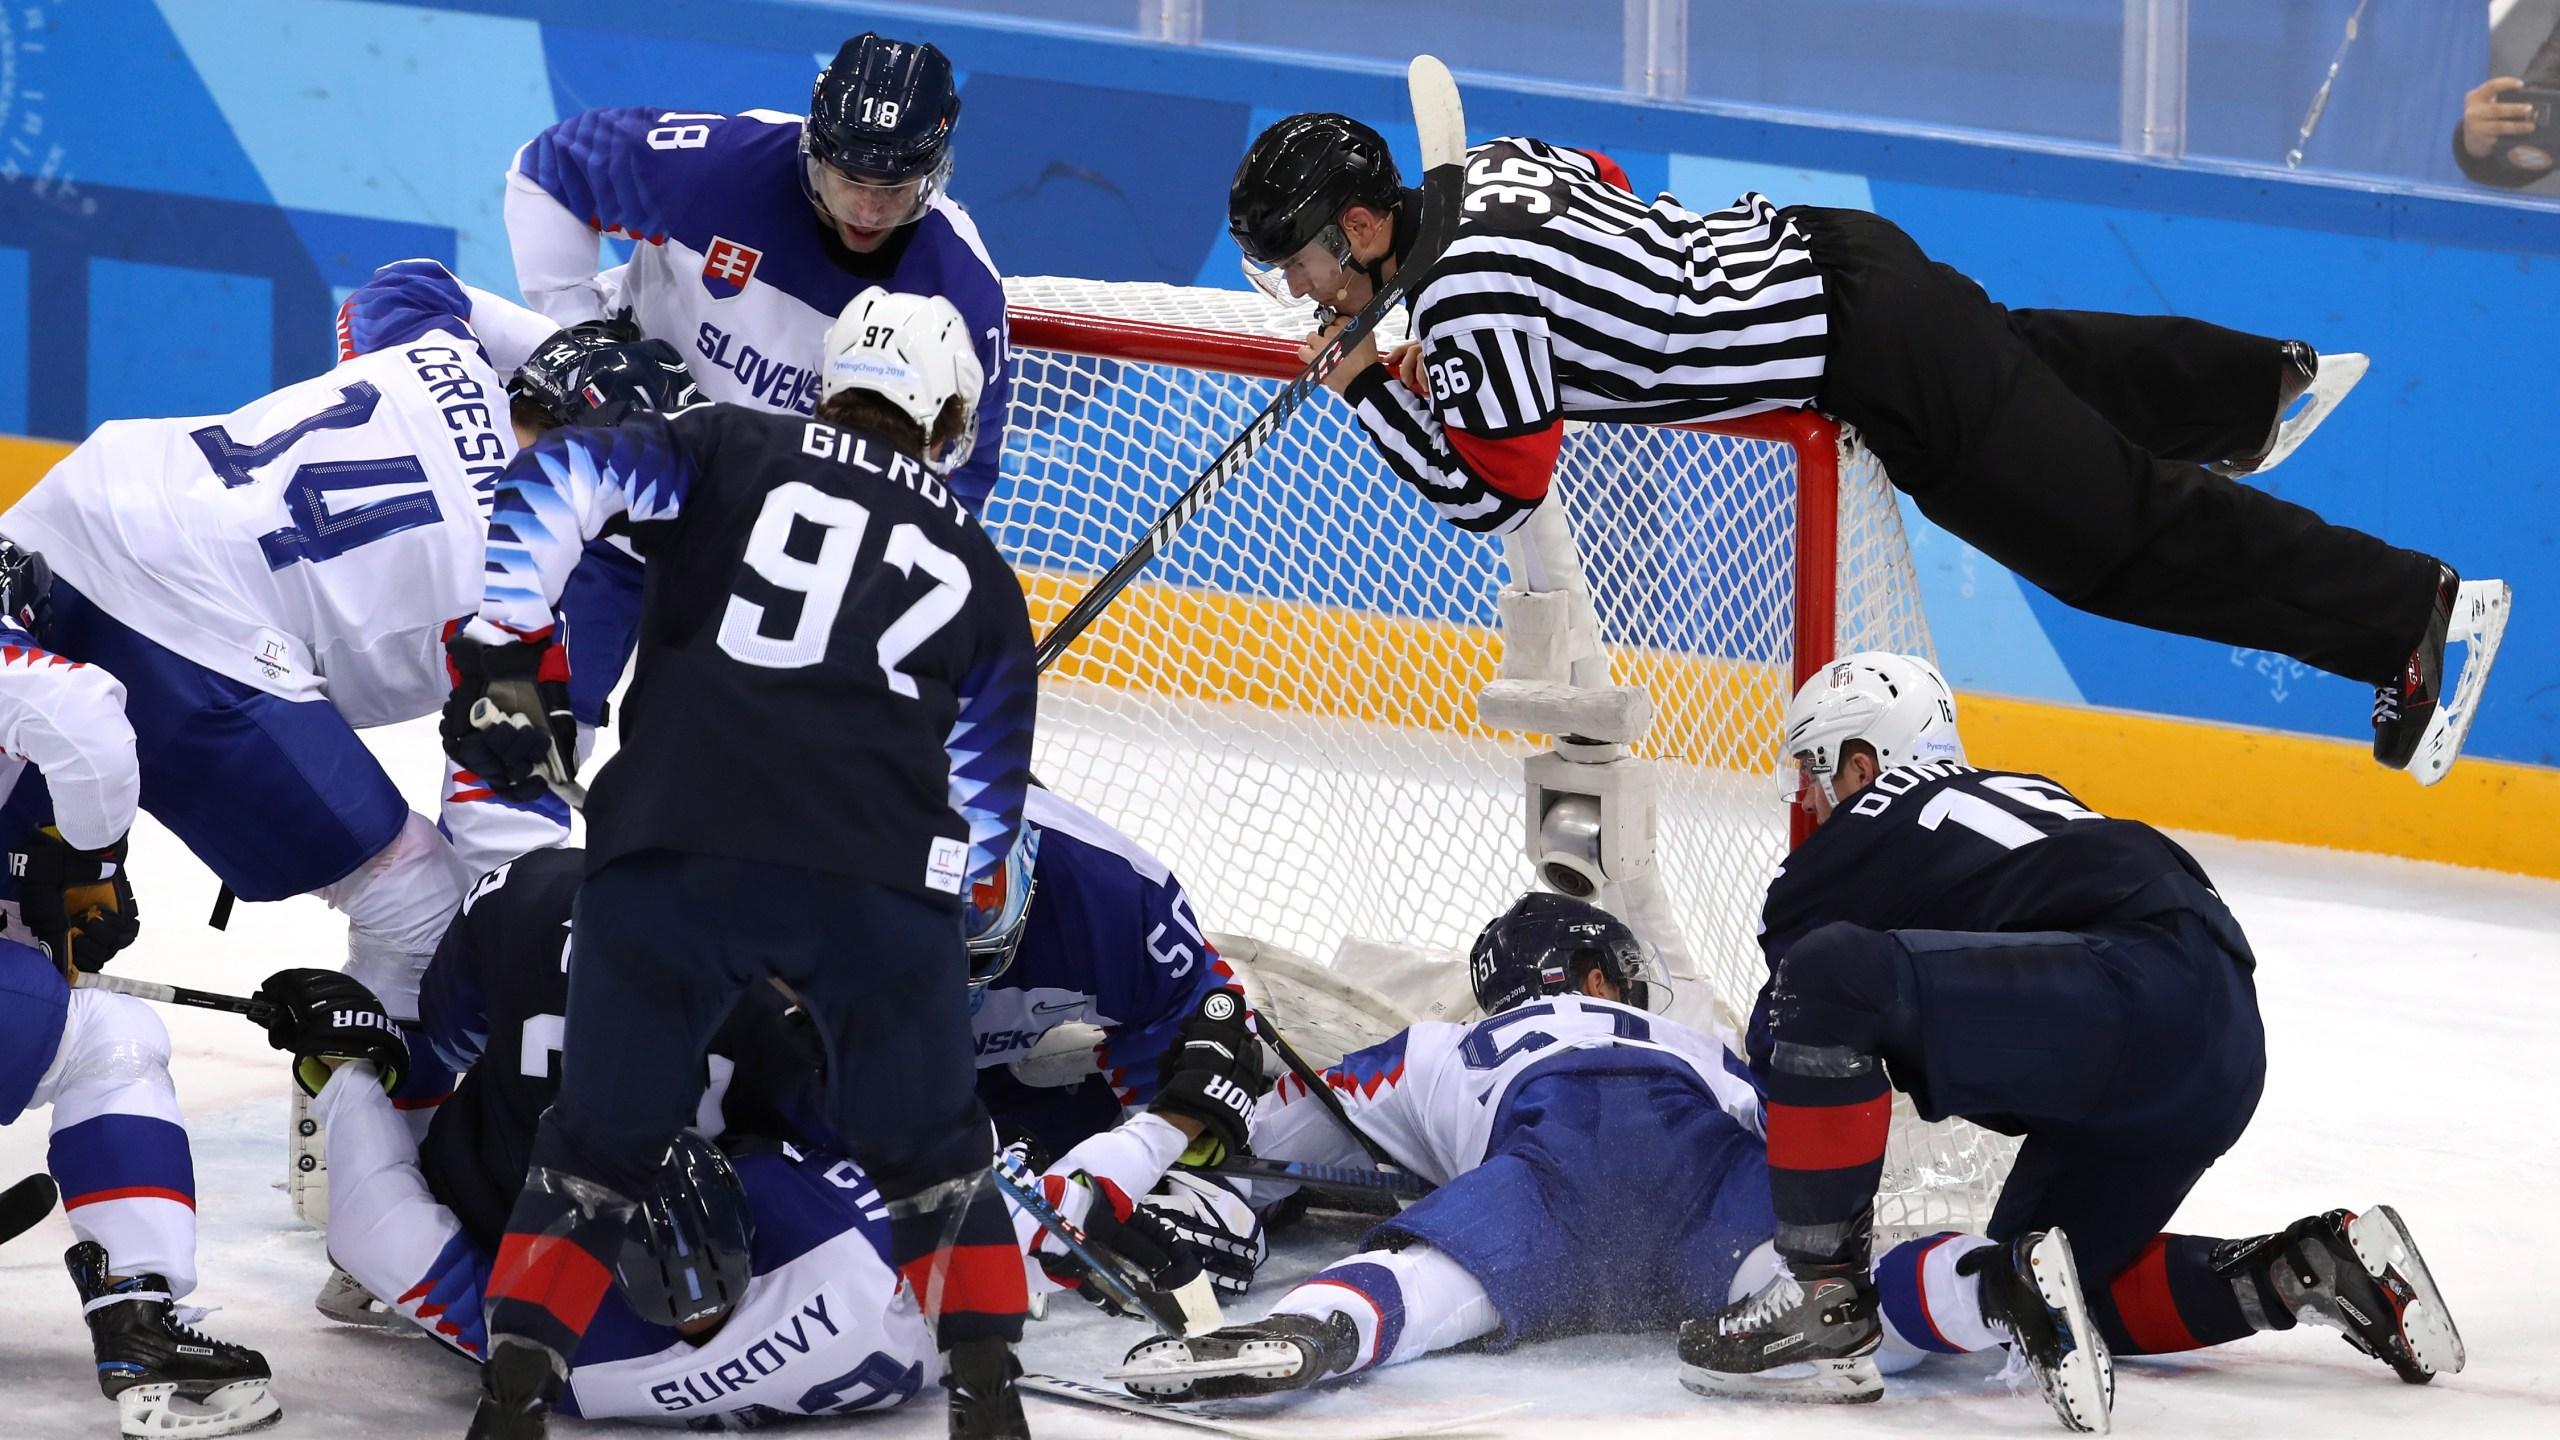 Ice Hockey – Winter Olympics Day 7_315085